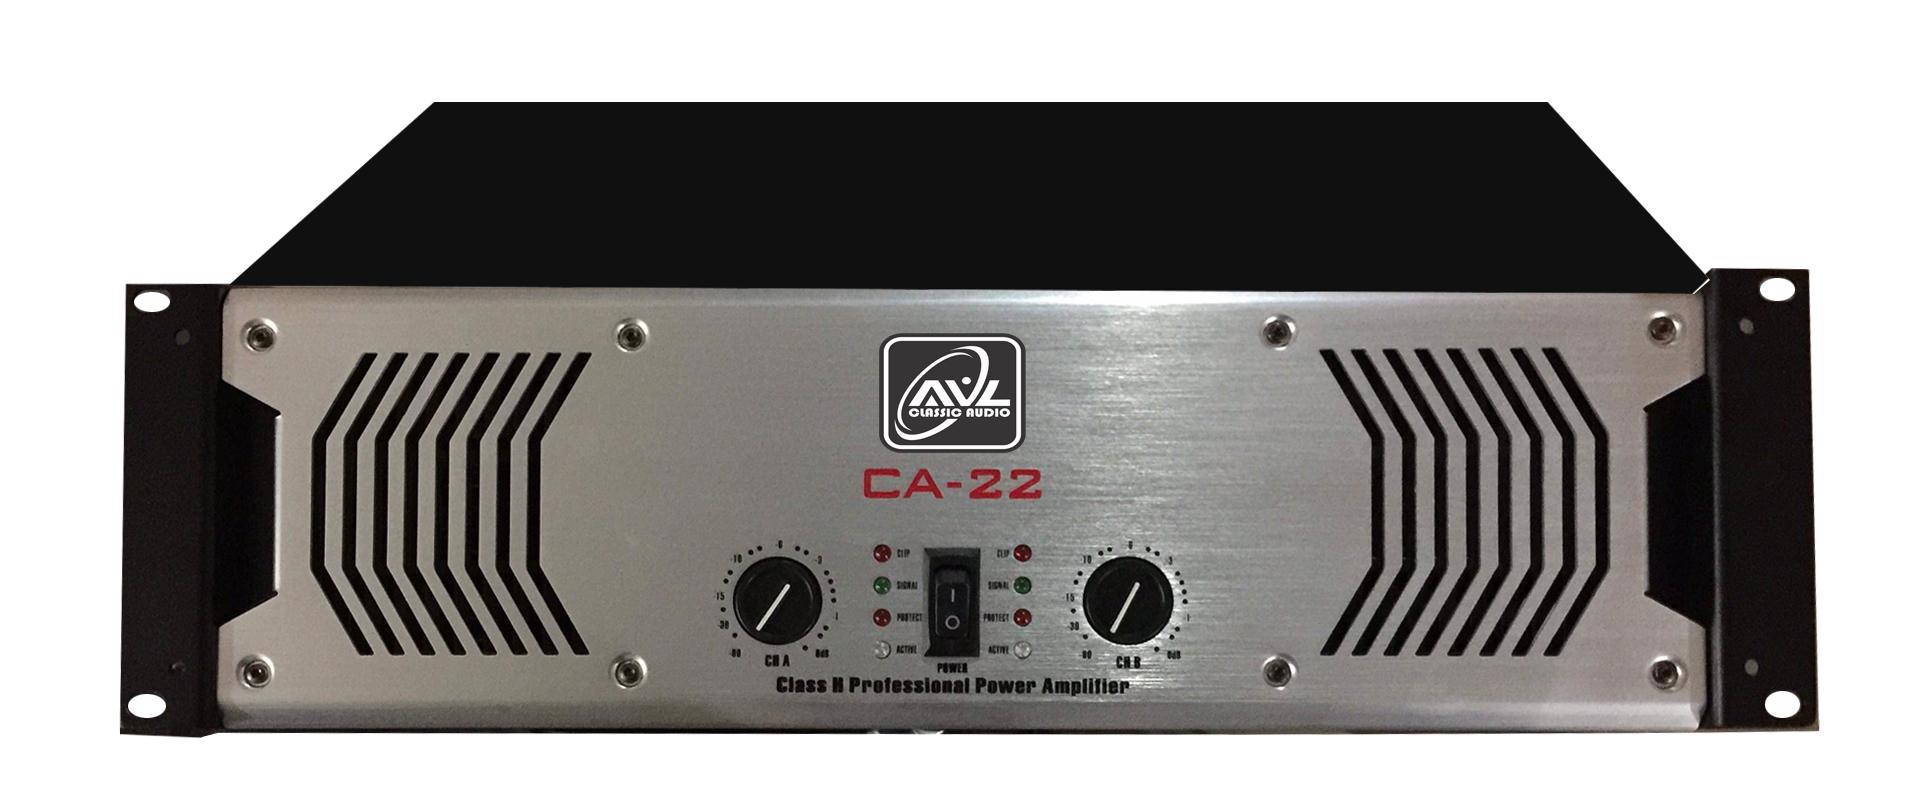 Cục đẩy công suất chuyên dụng cho loa siêu trầm AVL - CA22